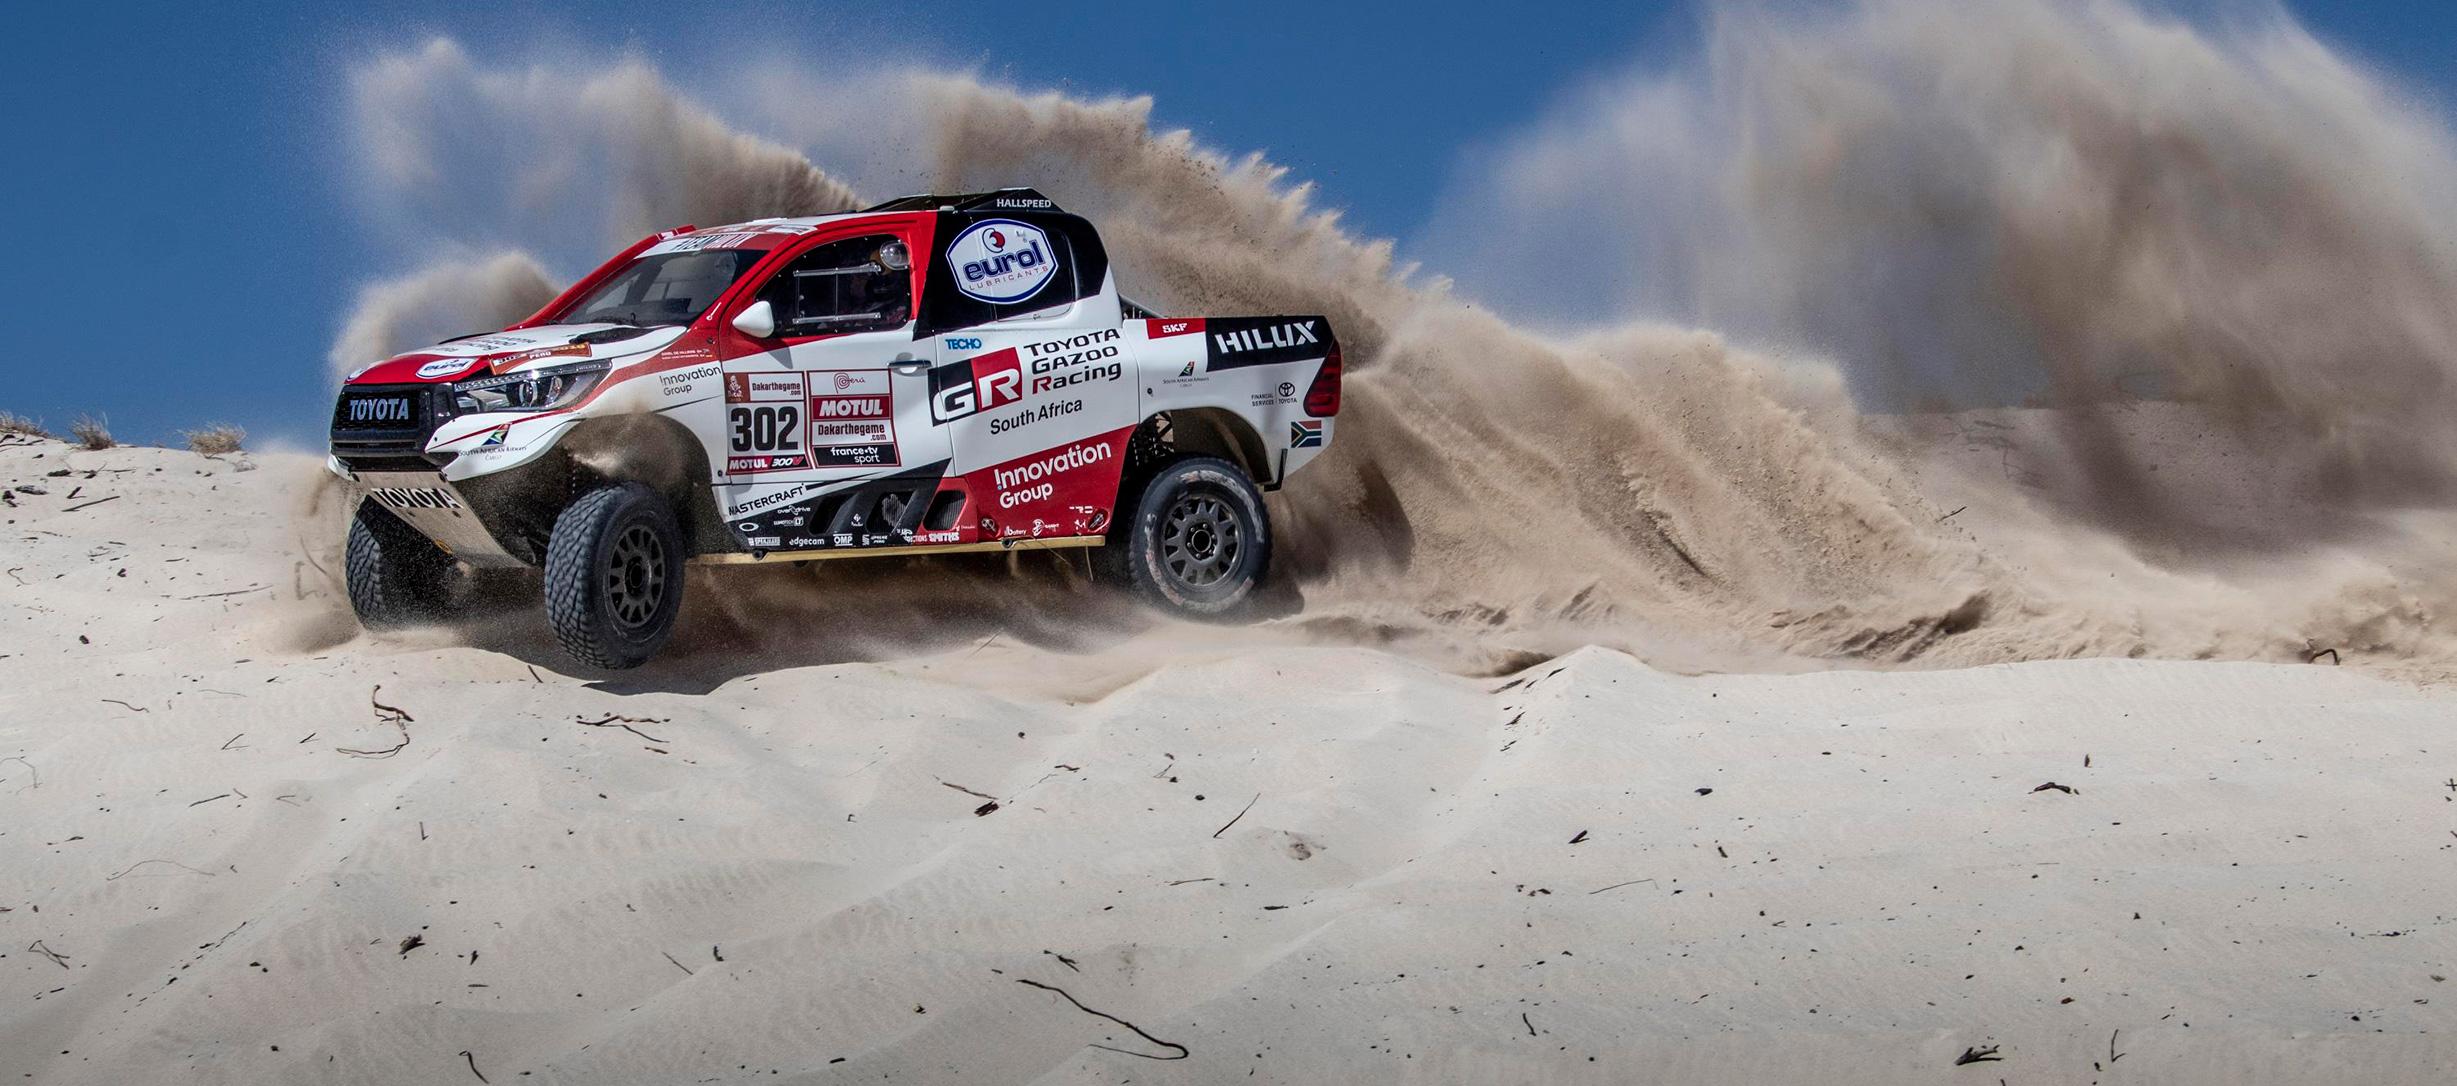 3 Toyota Hilux van a participar en el Rally Dakar 2019